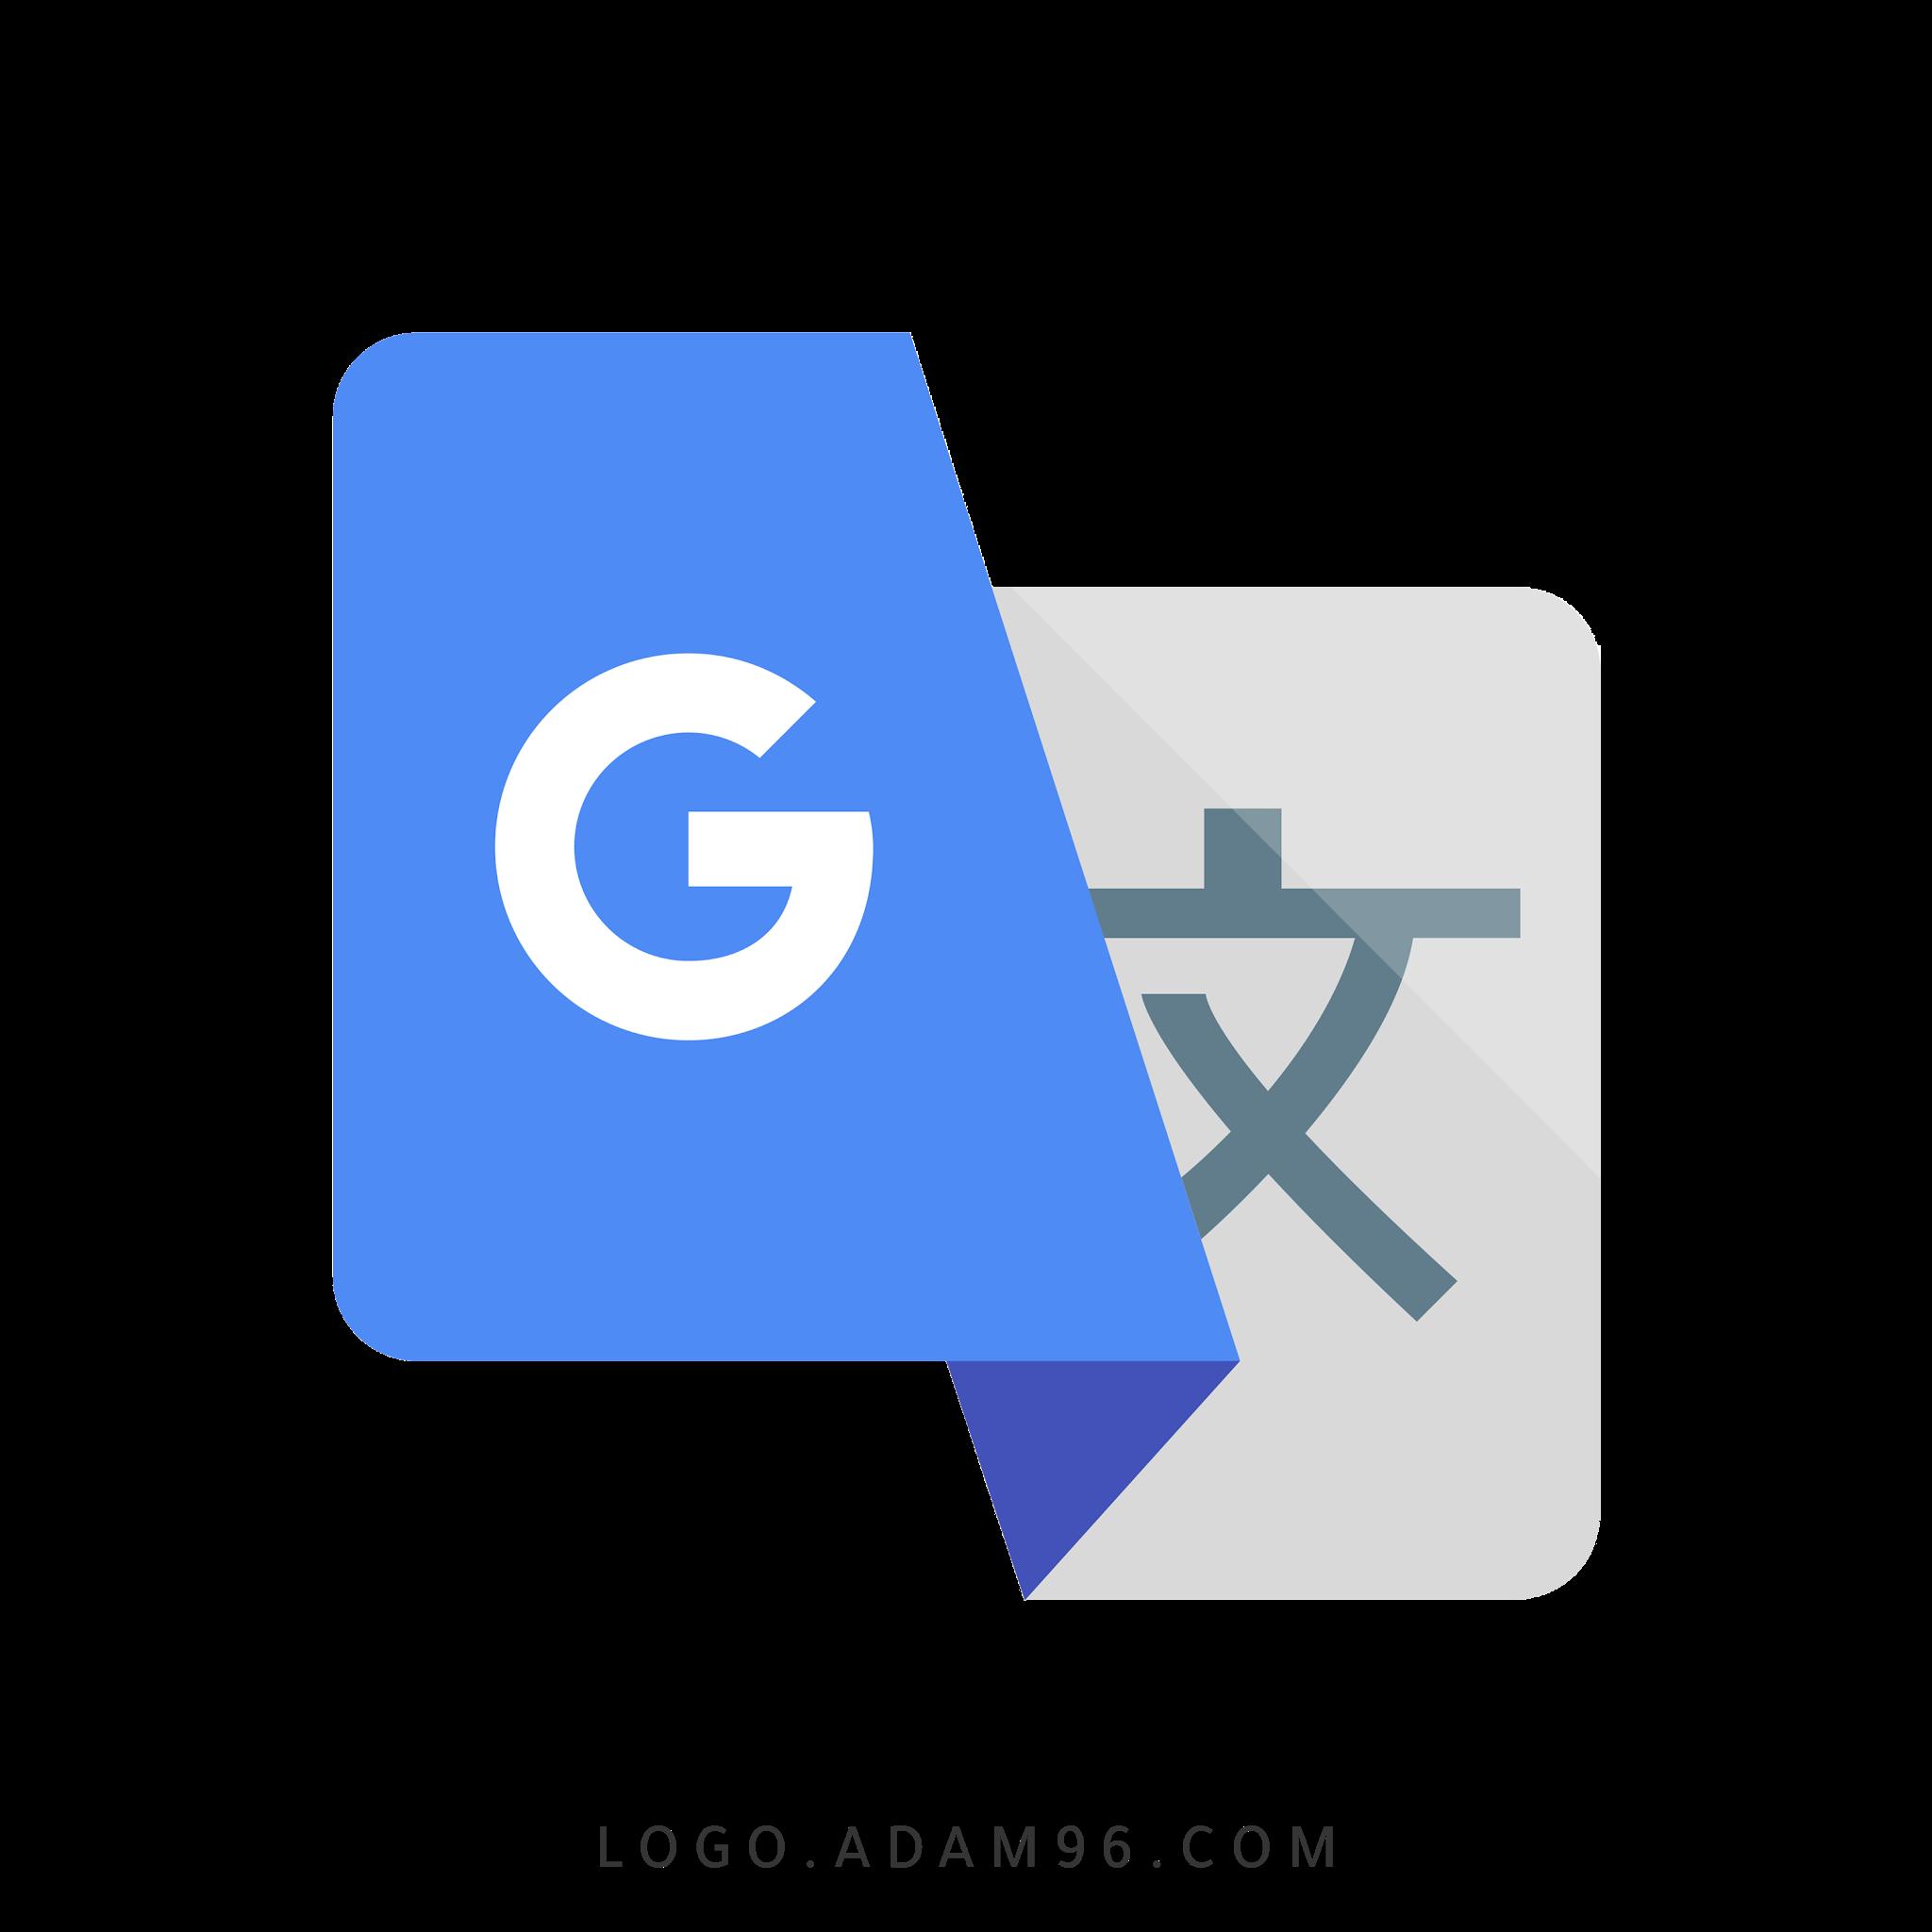 تحميل شعار مترجم جوجل لوجو رسمي عالي الجودة Logo google translate PNG